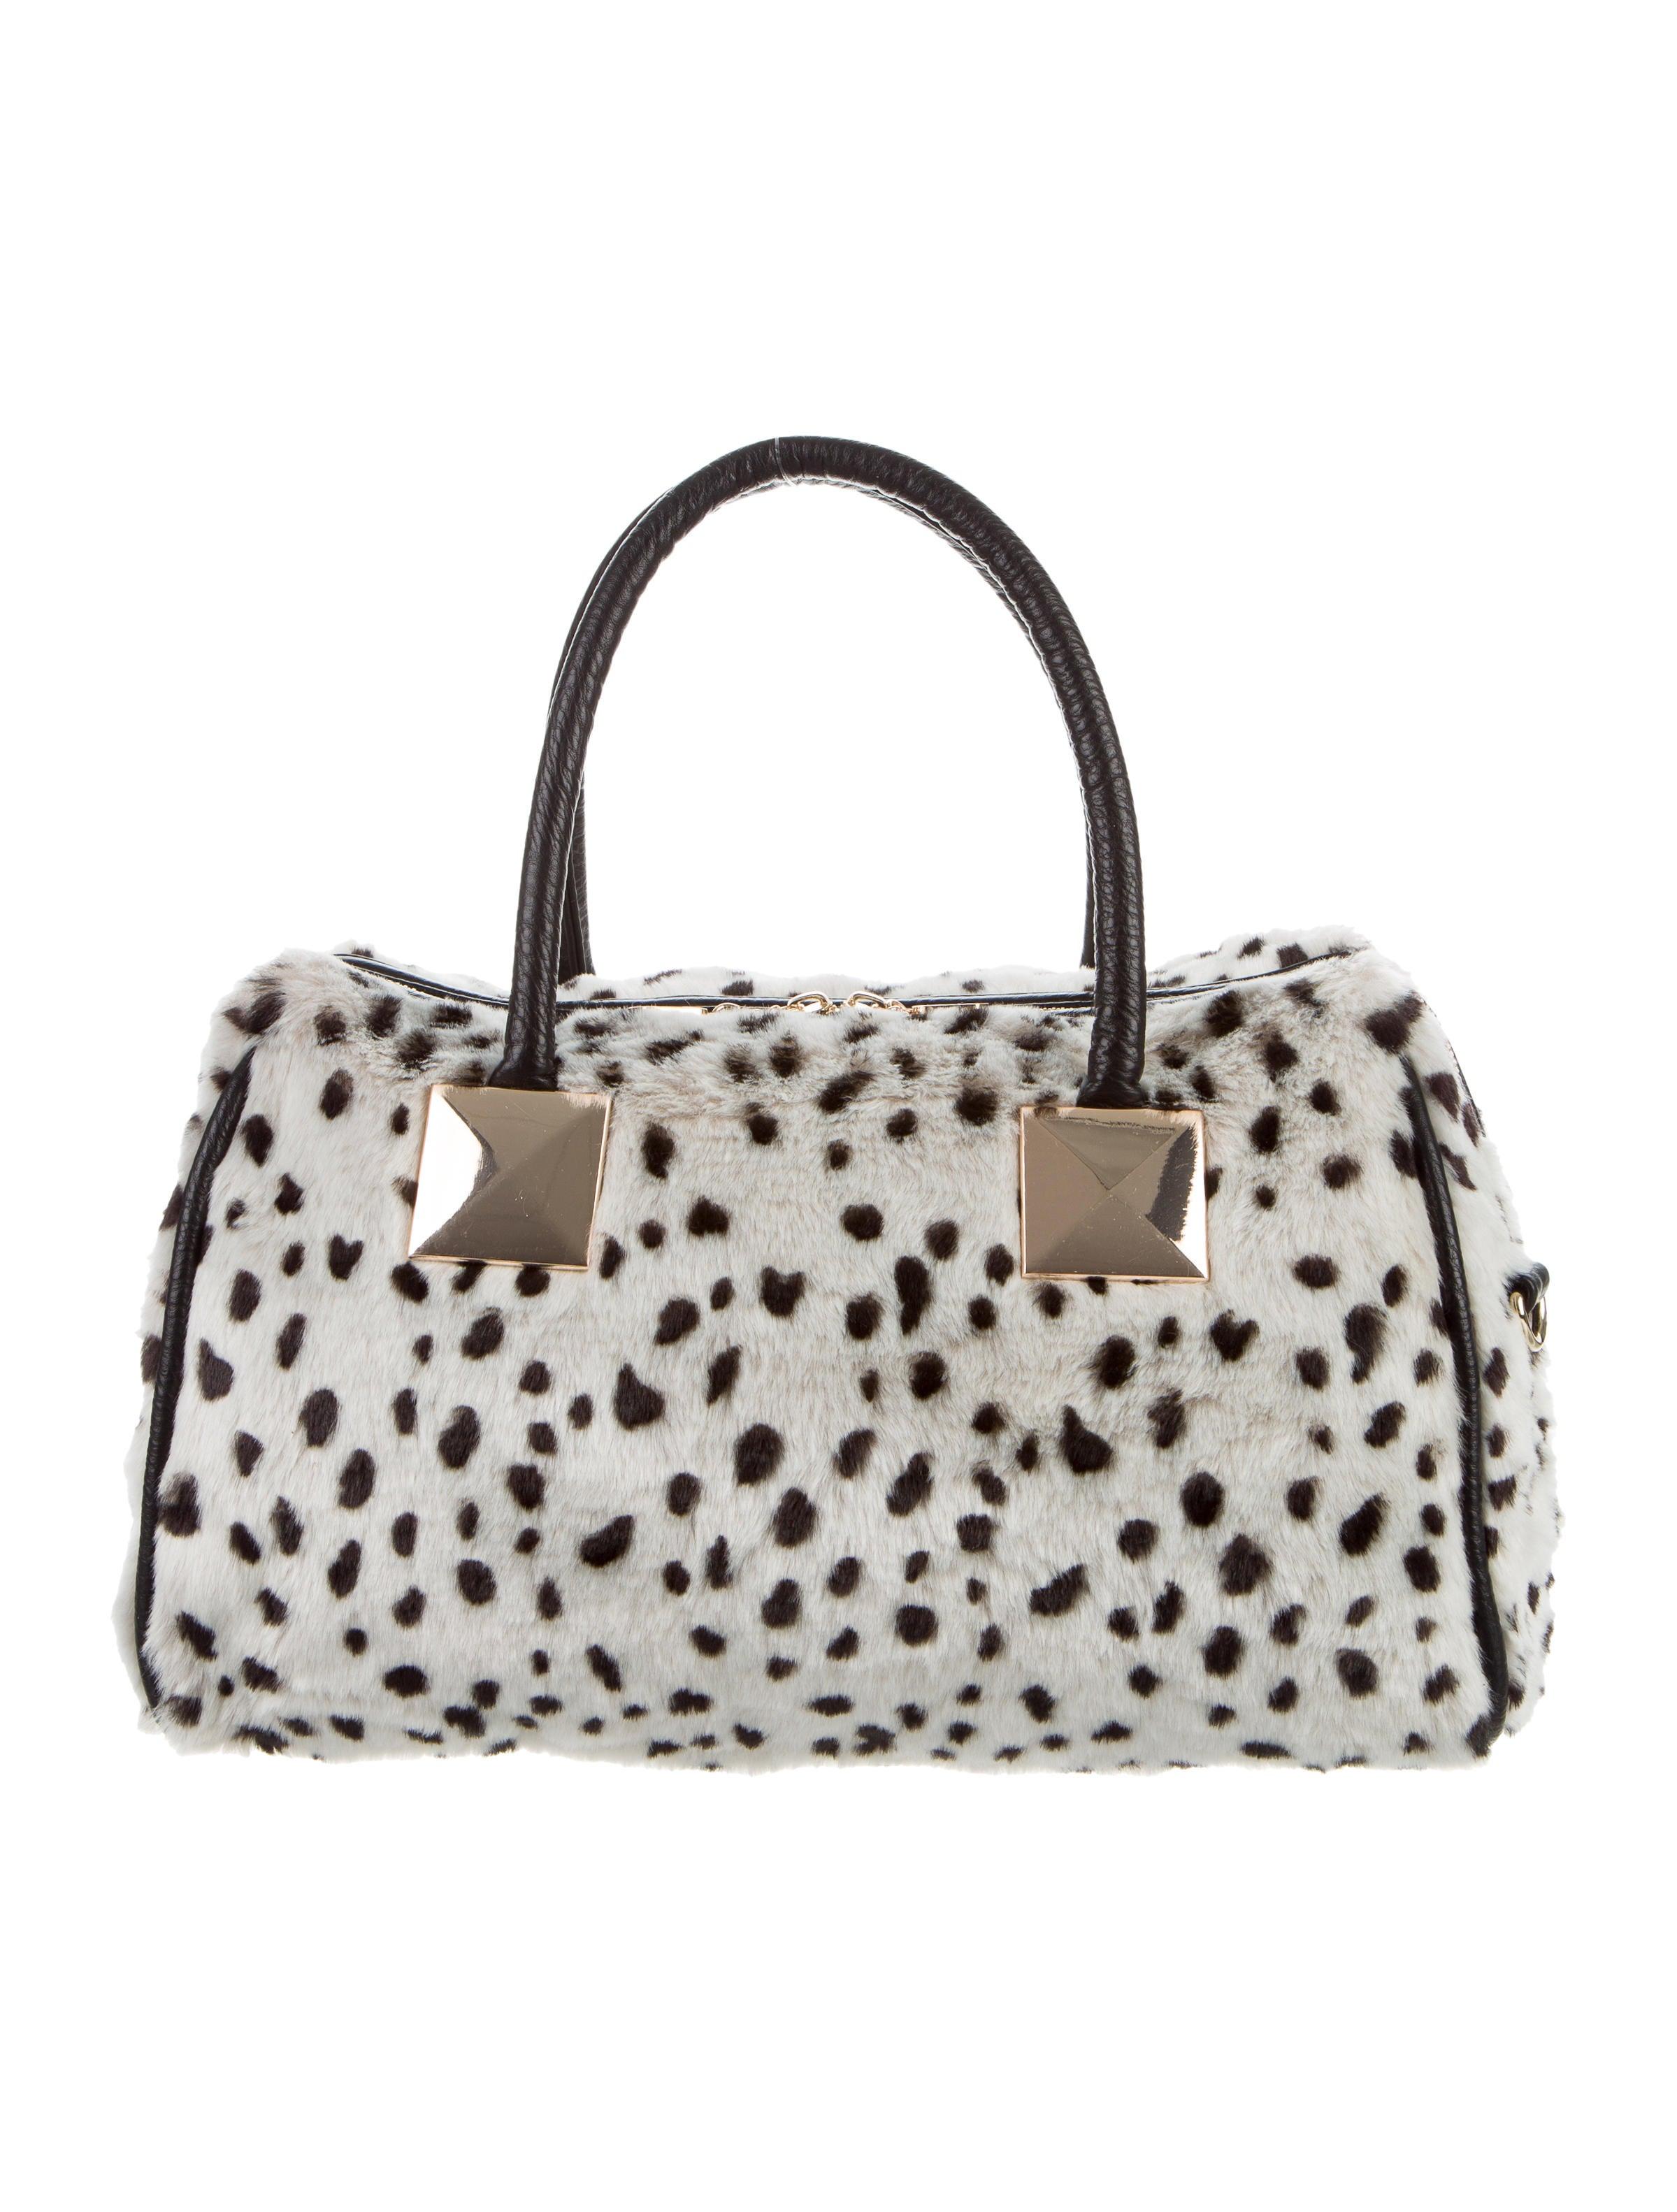 2af0df9ffd Adrienne Landau Snow Leopard Faux Fur Satchel - Handbags - ADR21735 ...